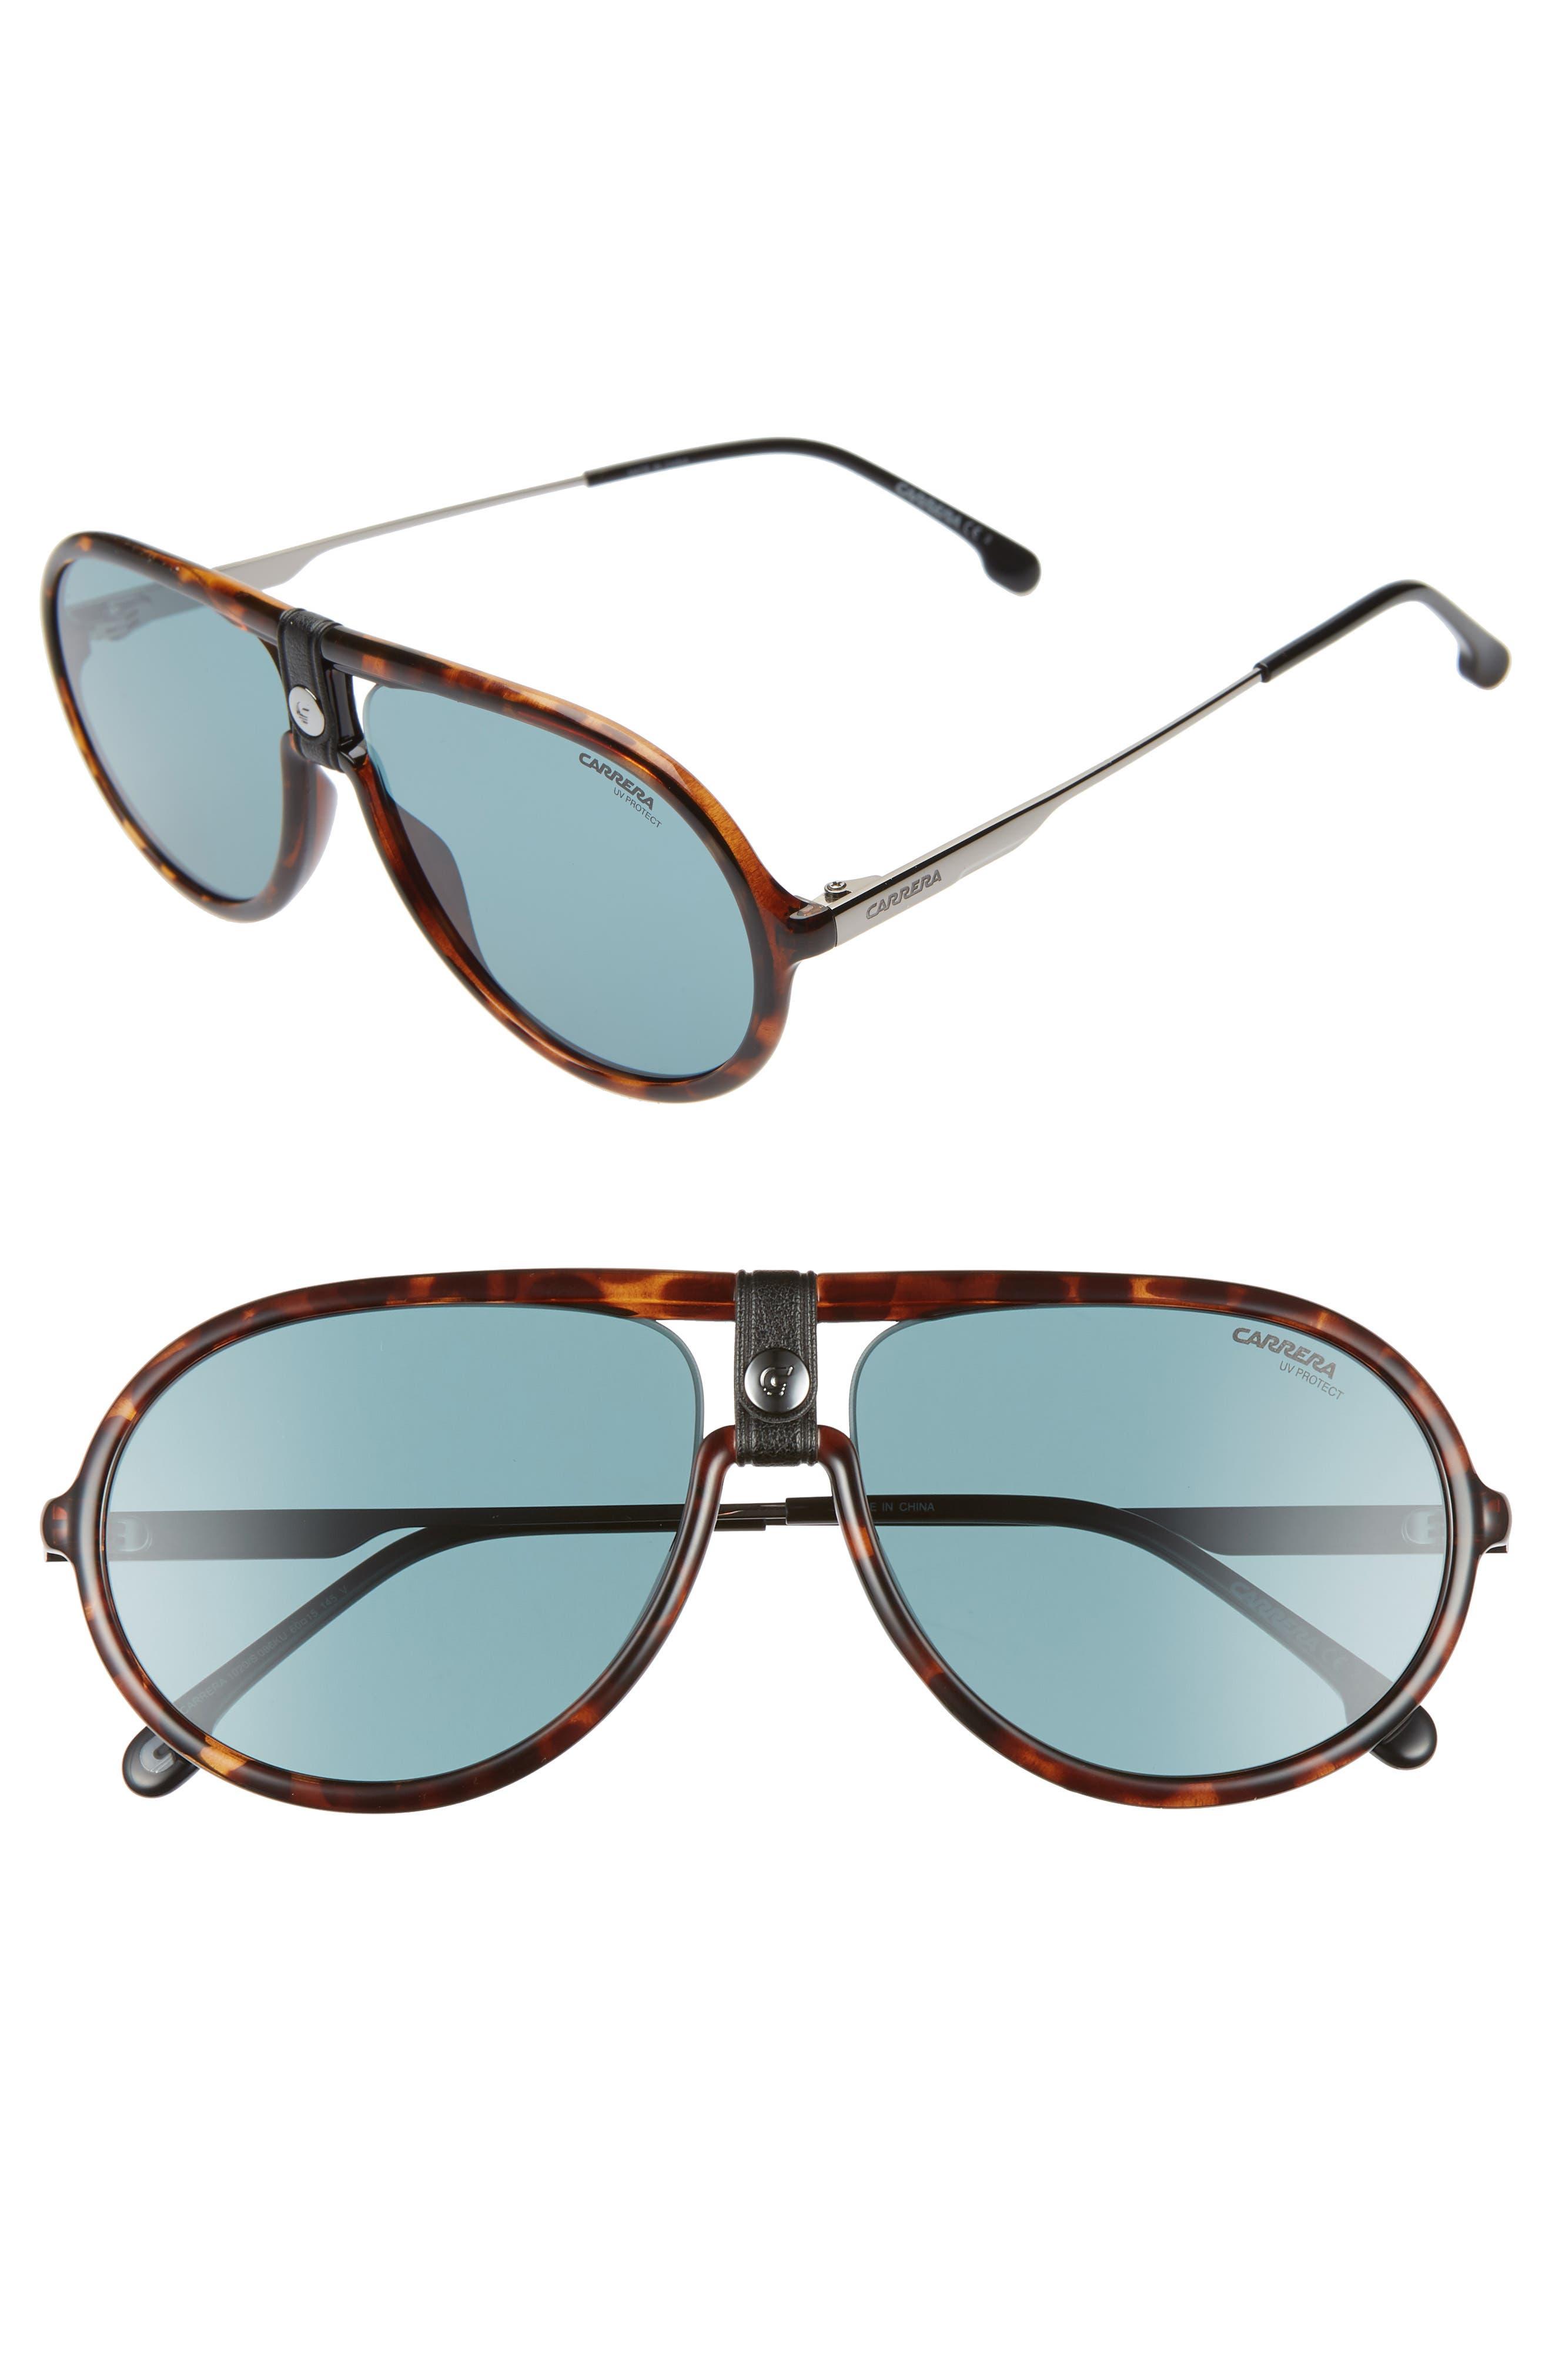 70e542f9f1 Polarized Carrera Sunglasses